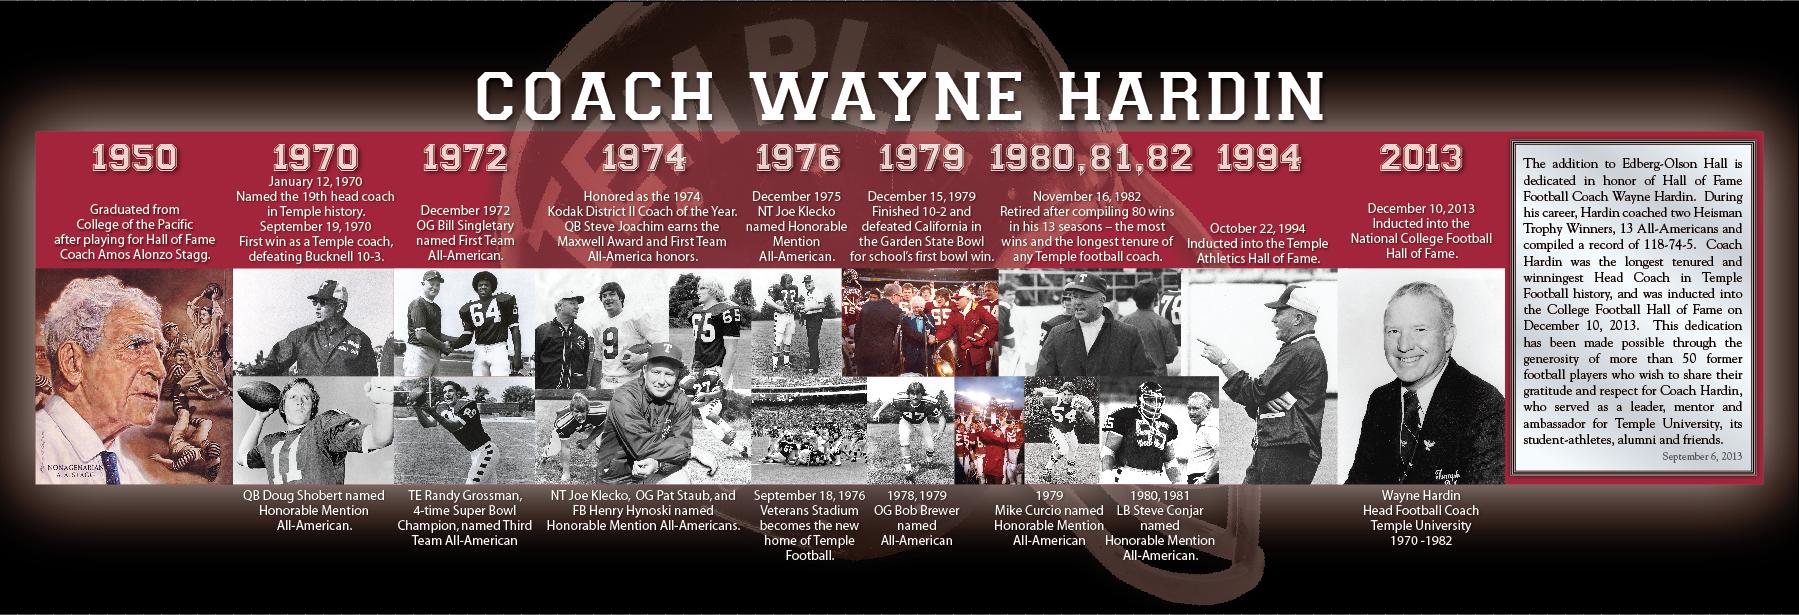 Wayne Hardin Timeline